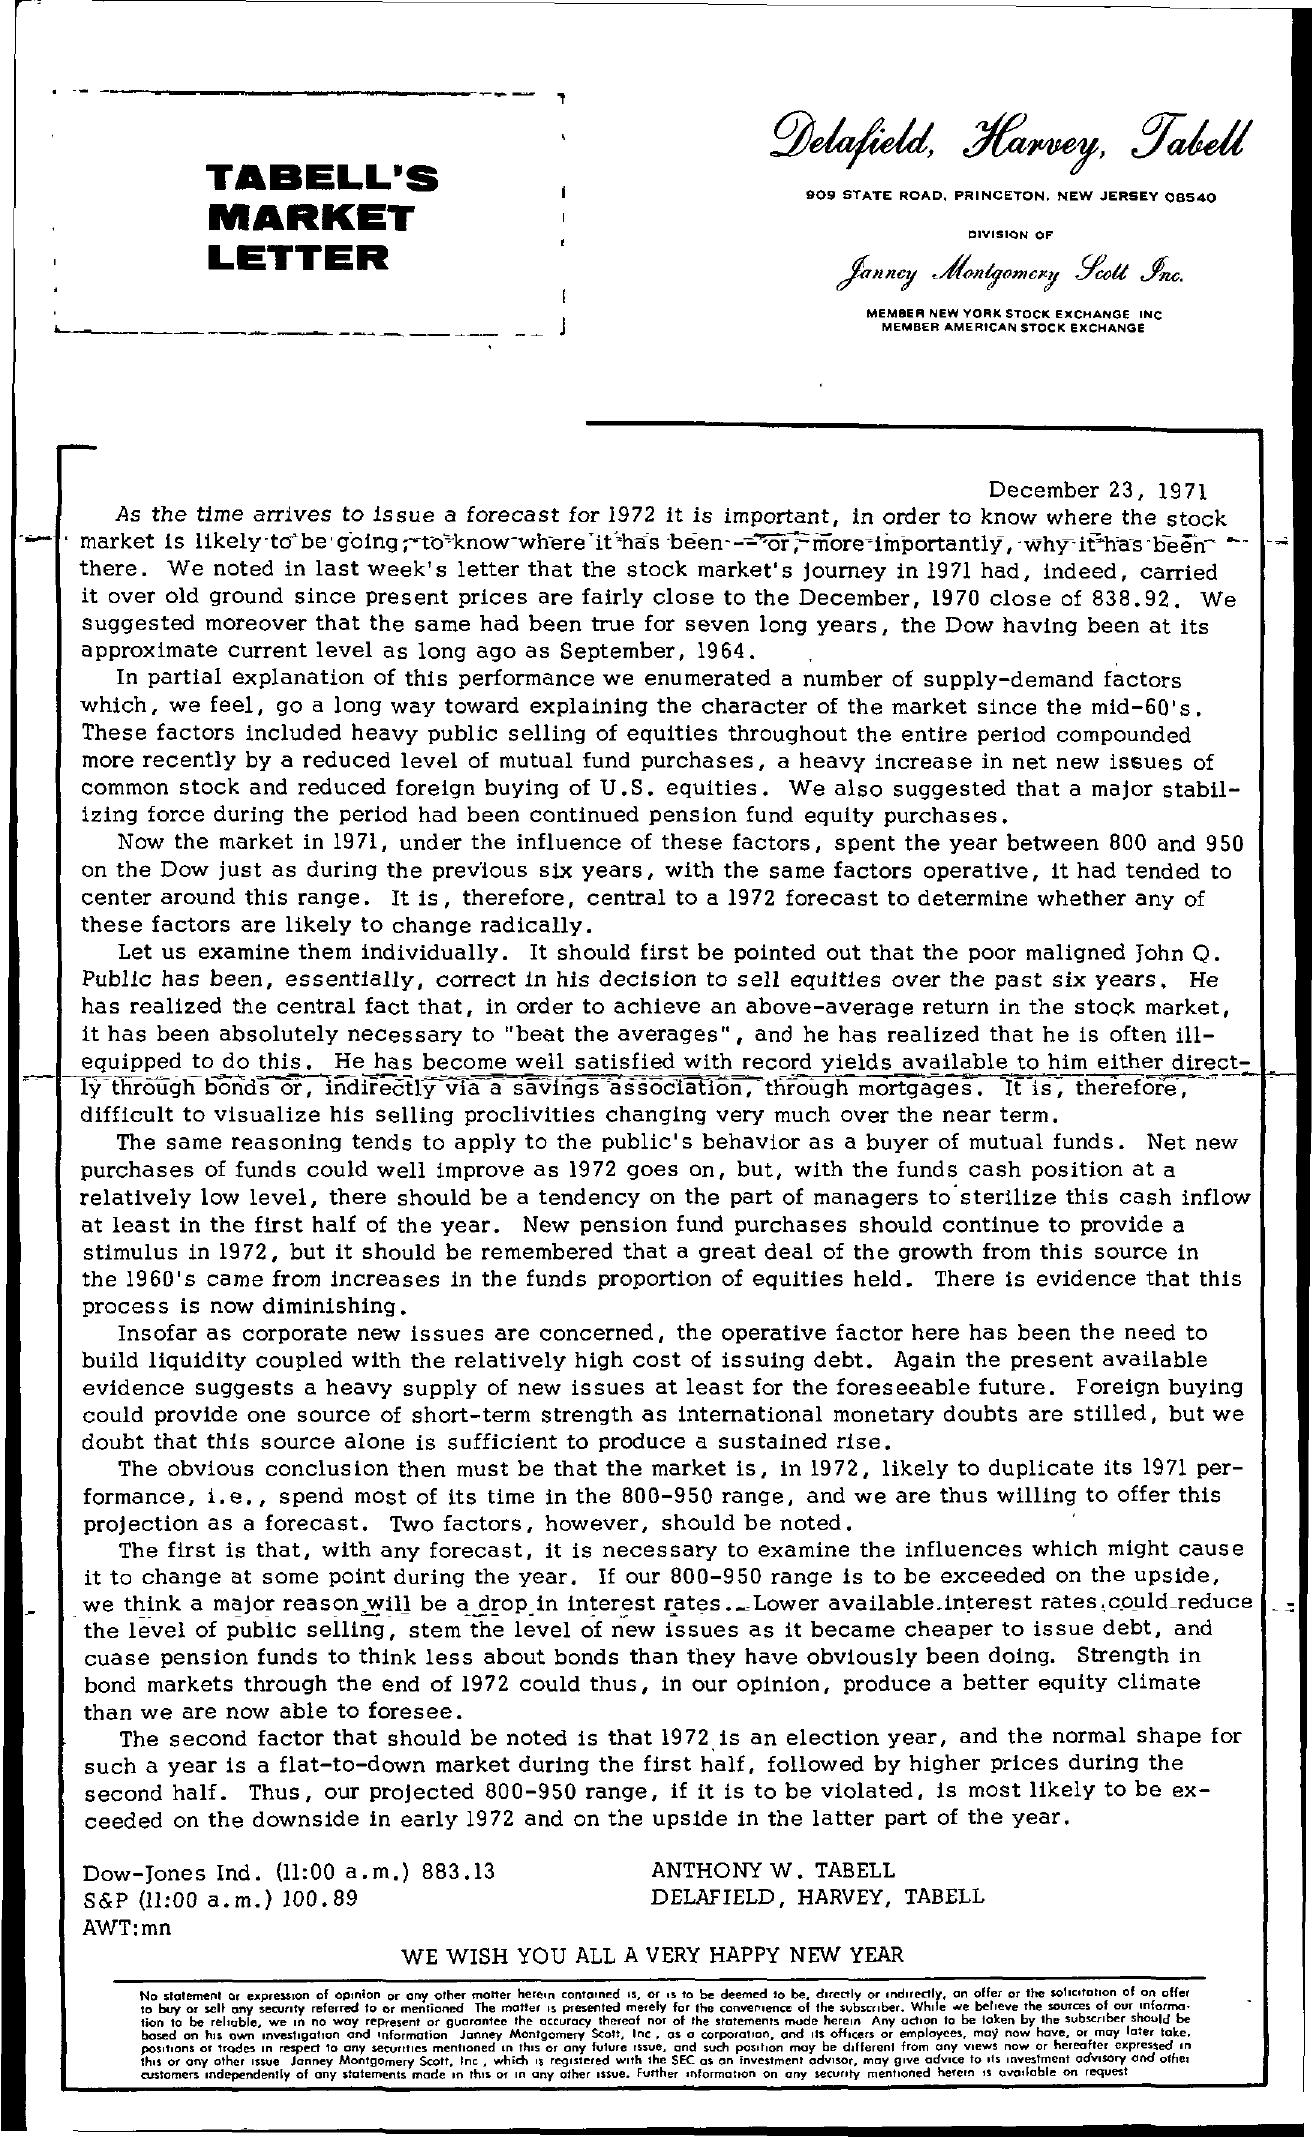 Tabell's Market Letter - December 23, 1971